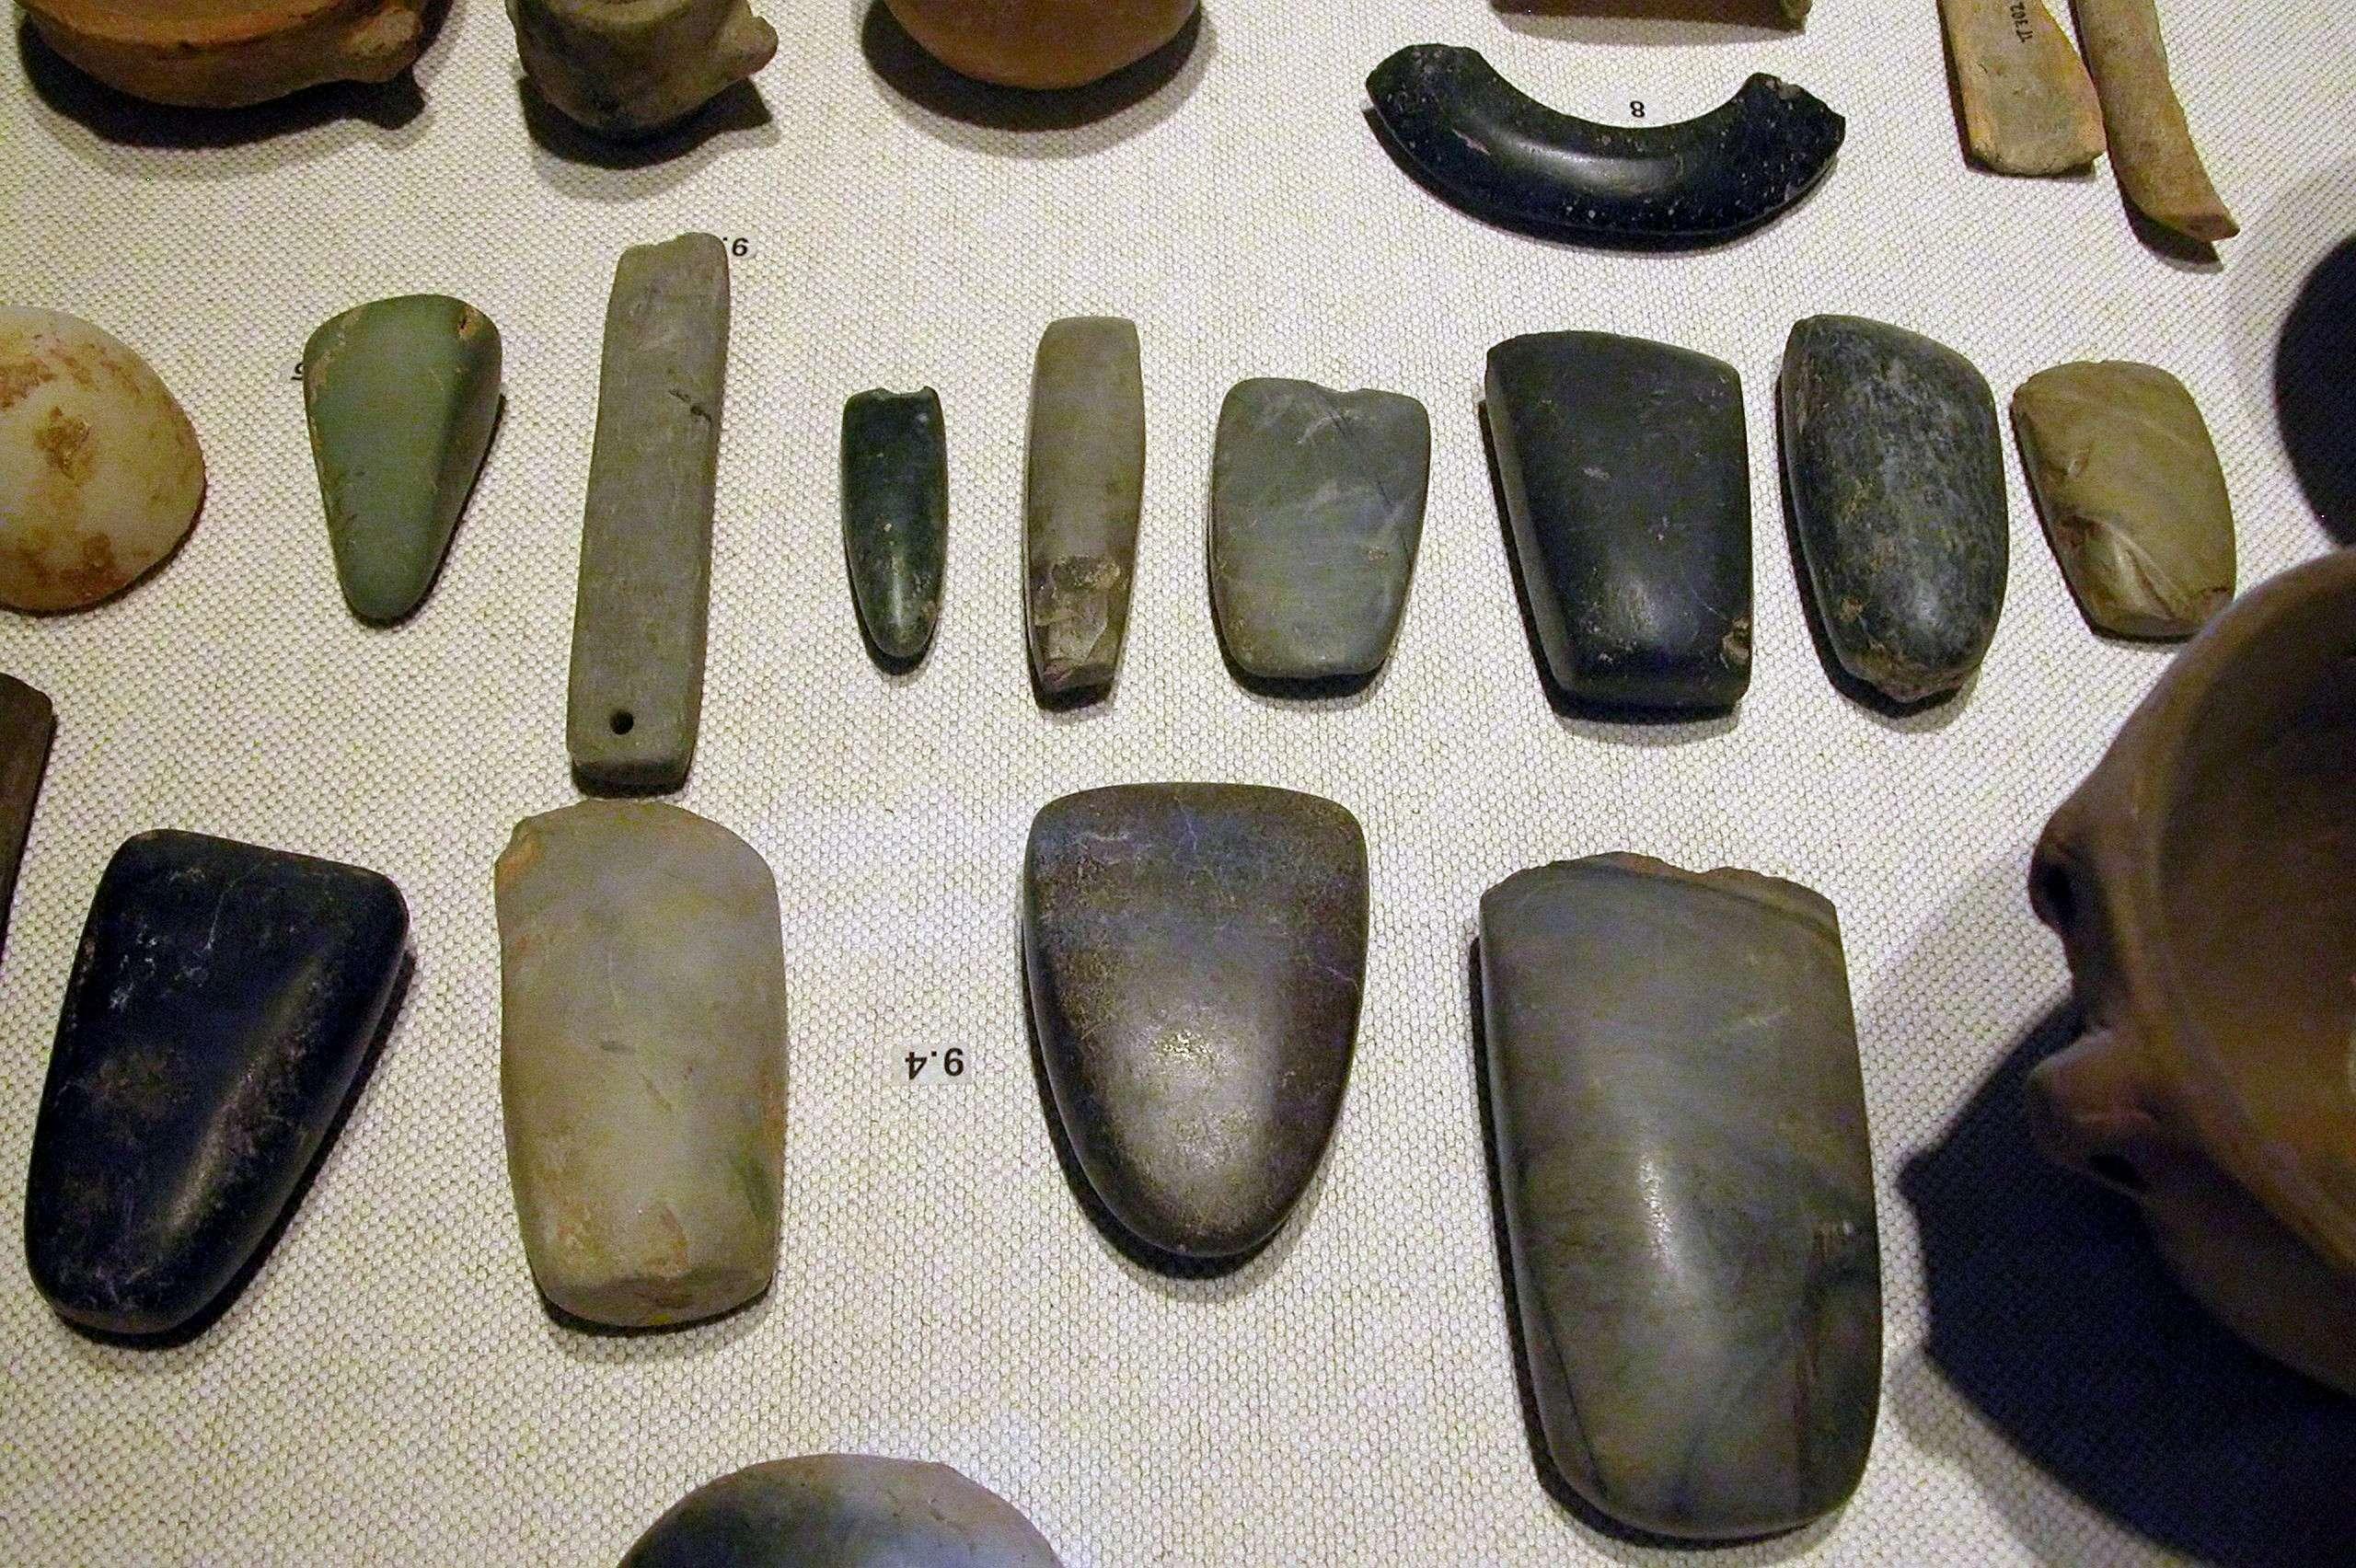 Σειρά νεολιθικών αντικειμένων, όπως βραχιόλια, κεφάλια τσεκουριών, σμίλες και εργαλεία λείανσης. Τα νεολιθικά λίθινα αντικείμενα είναι εξ ορισμού γυαλισμένα και, εκτός από ειδικά τεμάχια, απελέκητα.